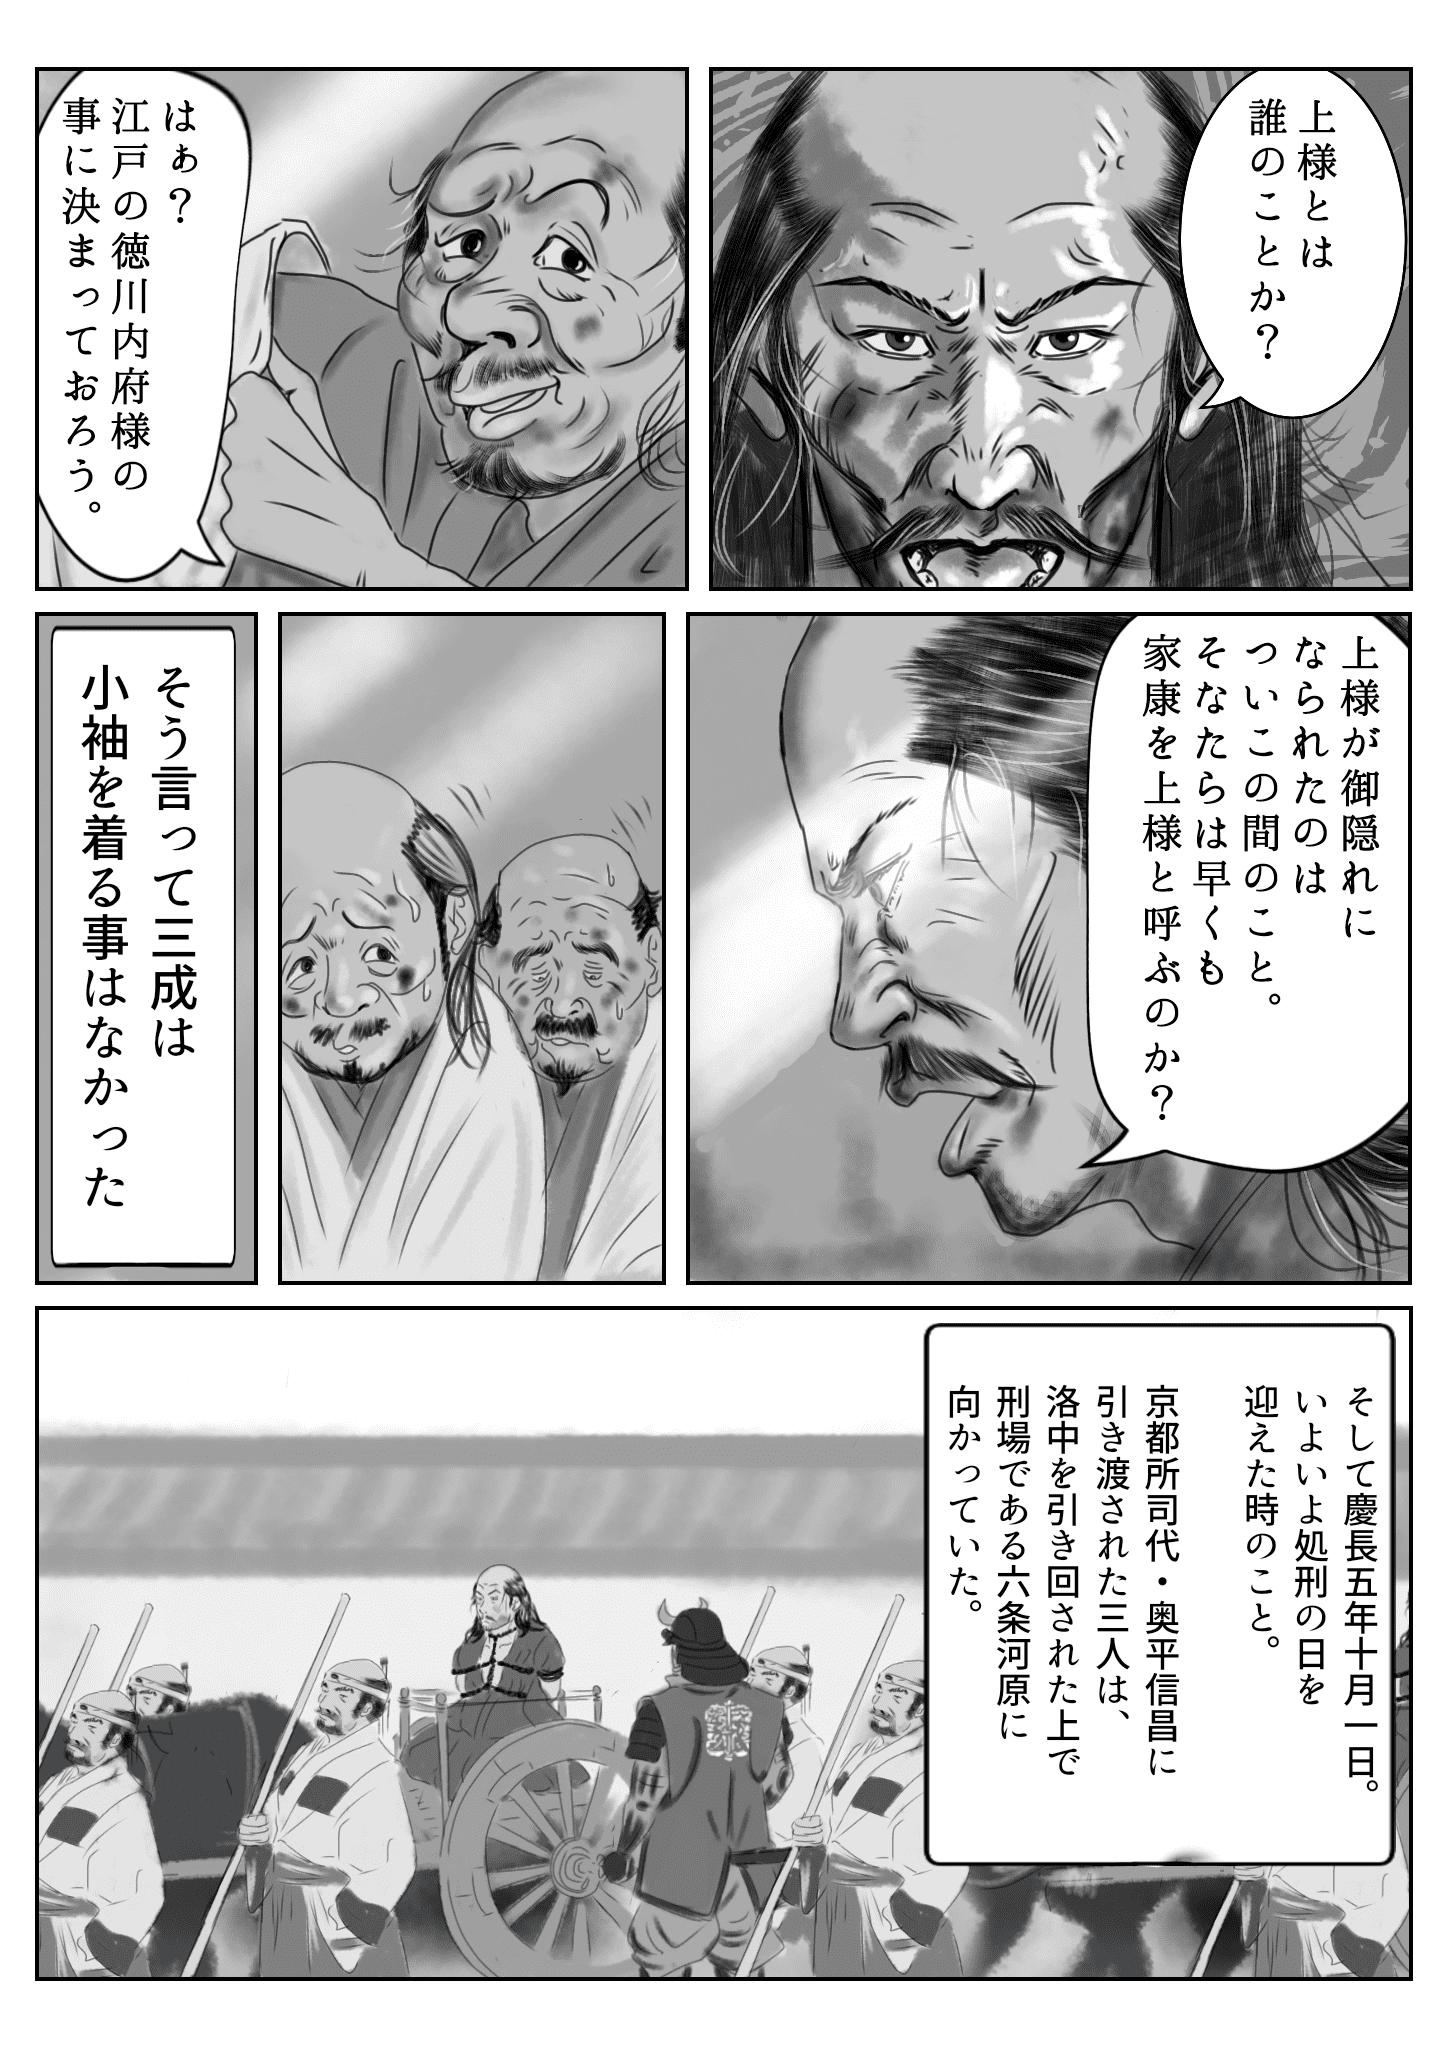 石田三成最期のとき 2ページ